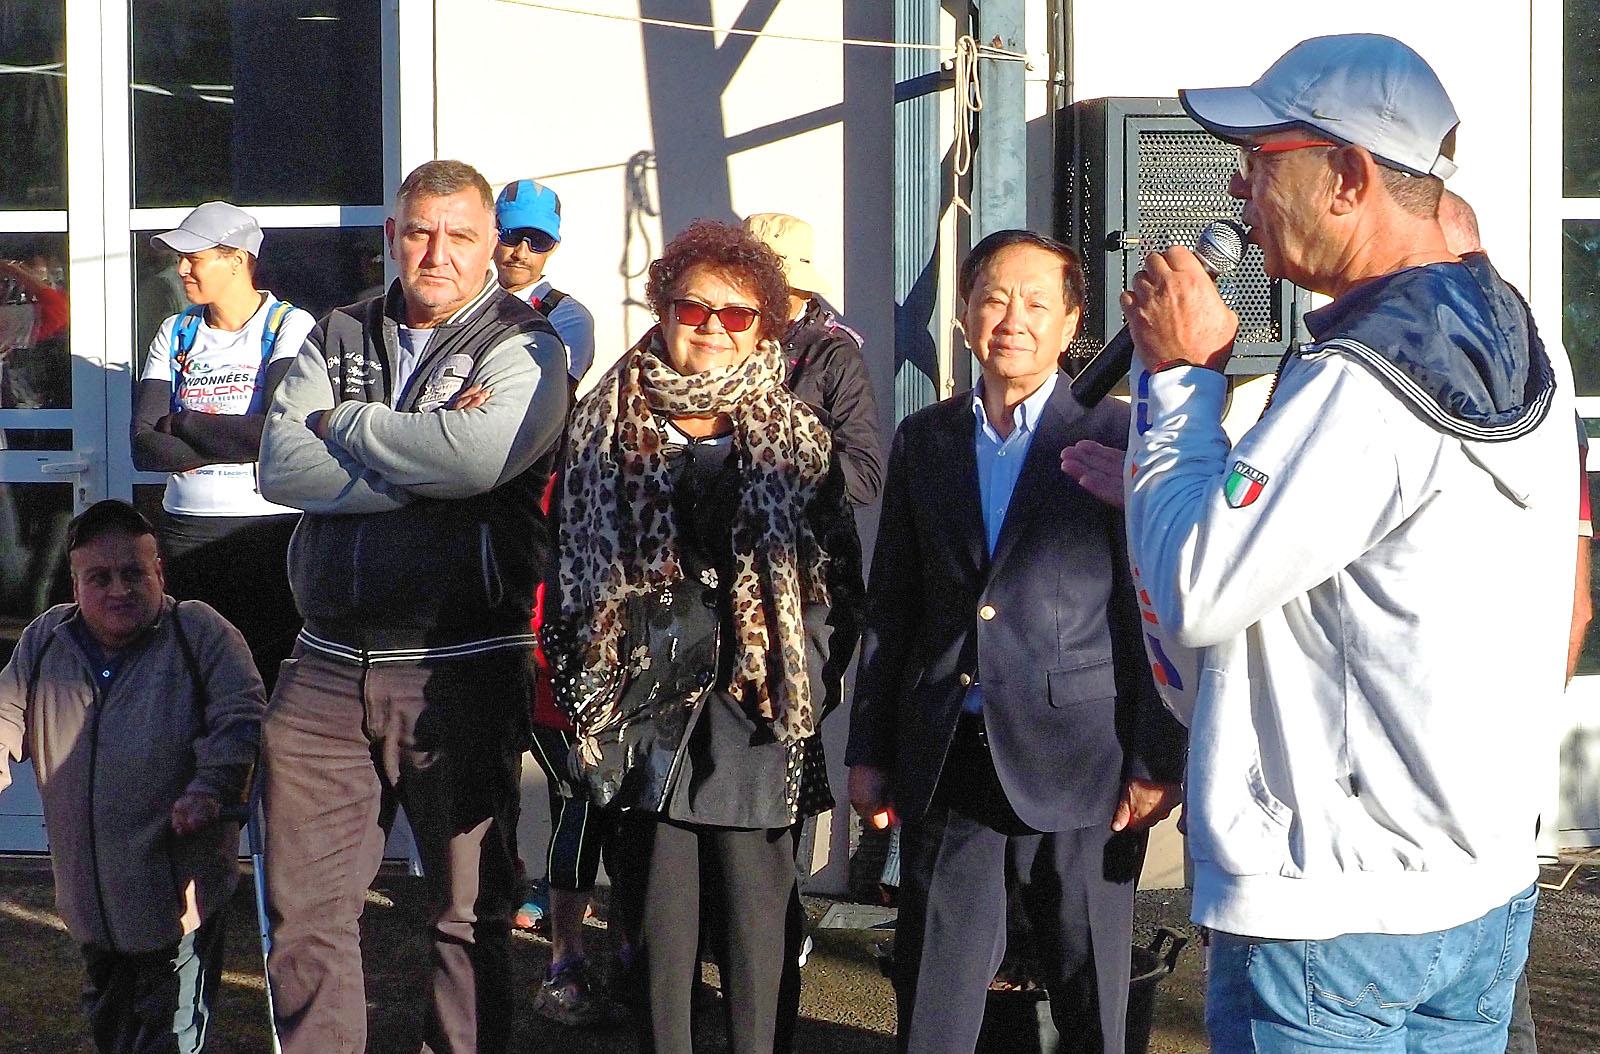 Le mot de bienvenue du président Max Hébert à André Thien Ah Koon maire du Tampon et à son adjointe Augustine Romano